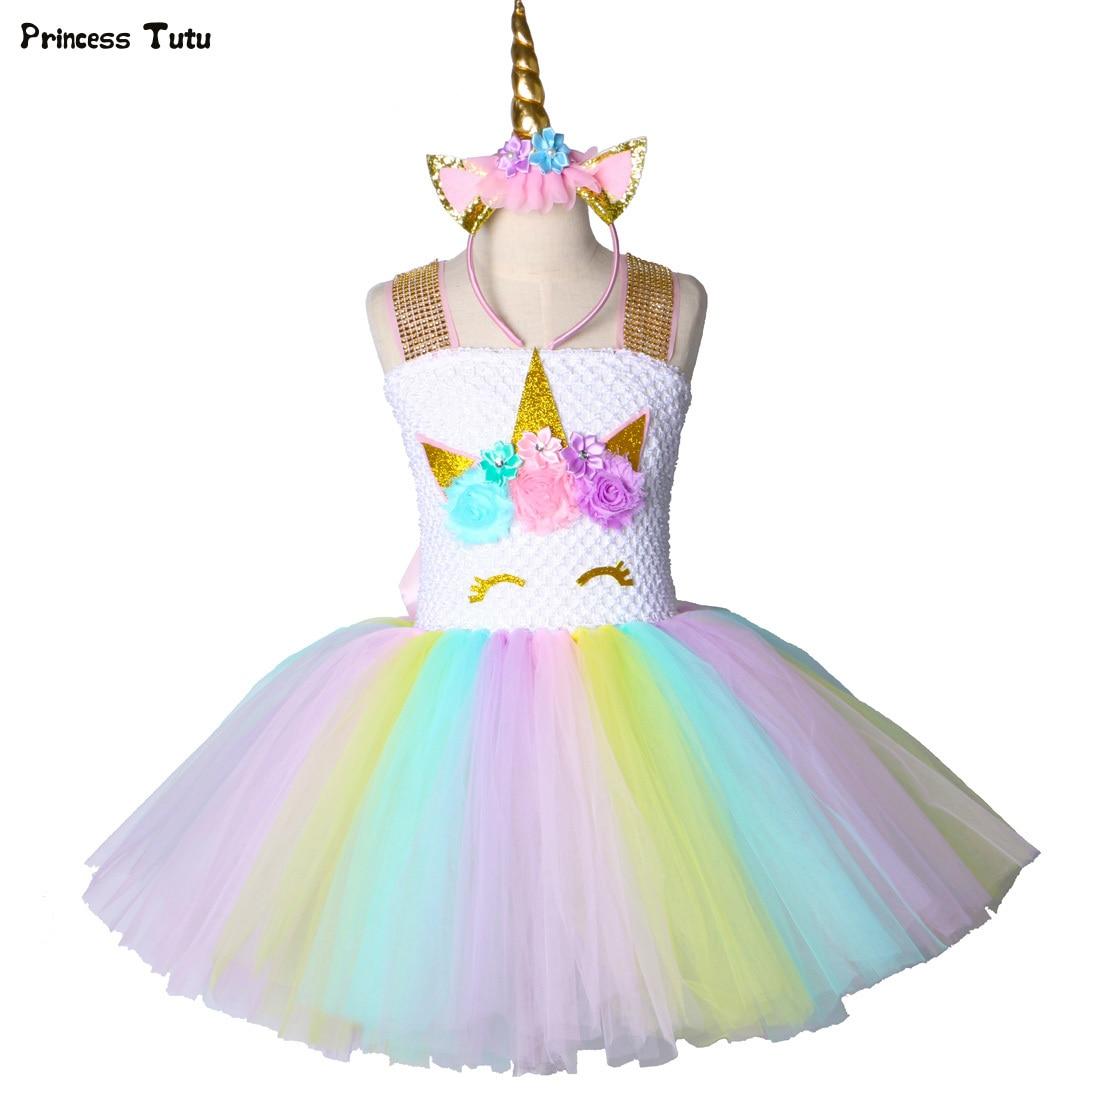 9c272cd7a2a Детские для девочек с единорогом платье-пачка Радужное платье принцессы Детское  платье для дня рождения